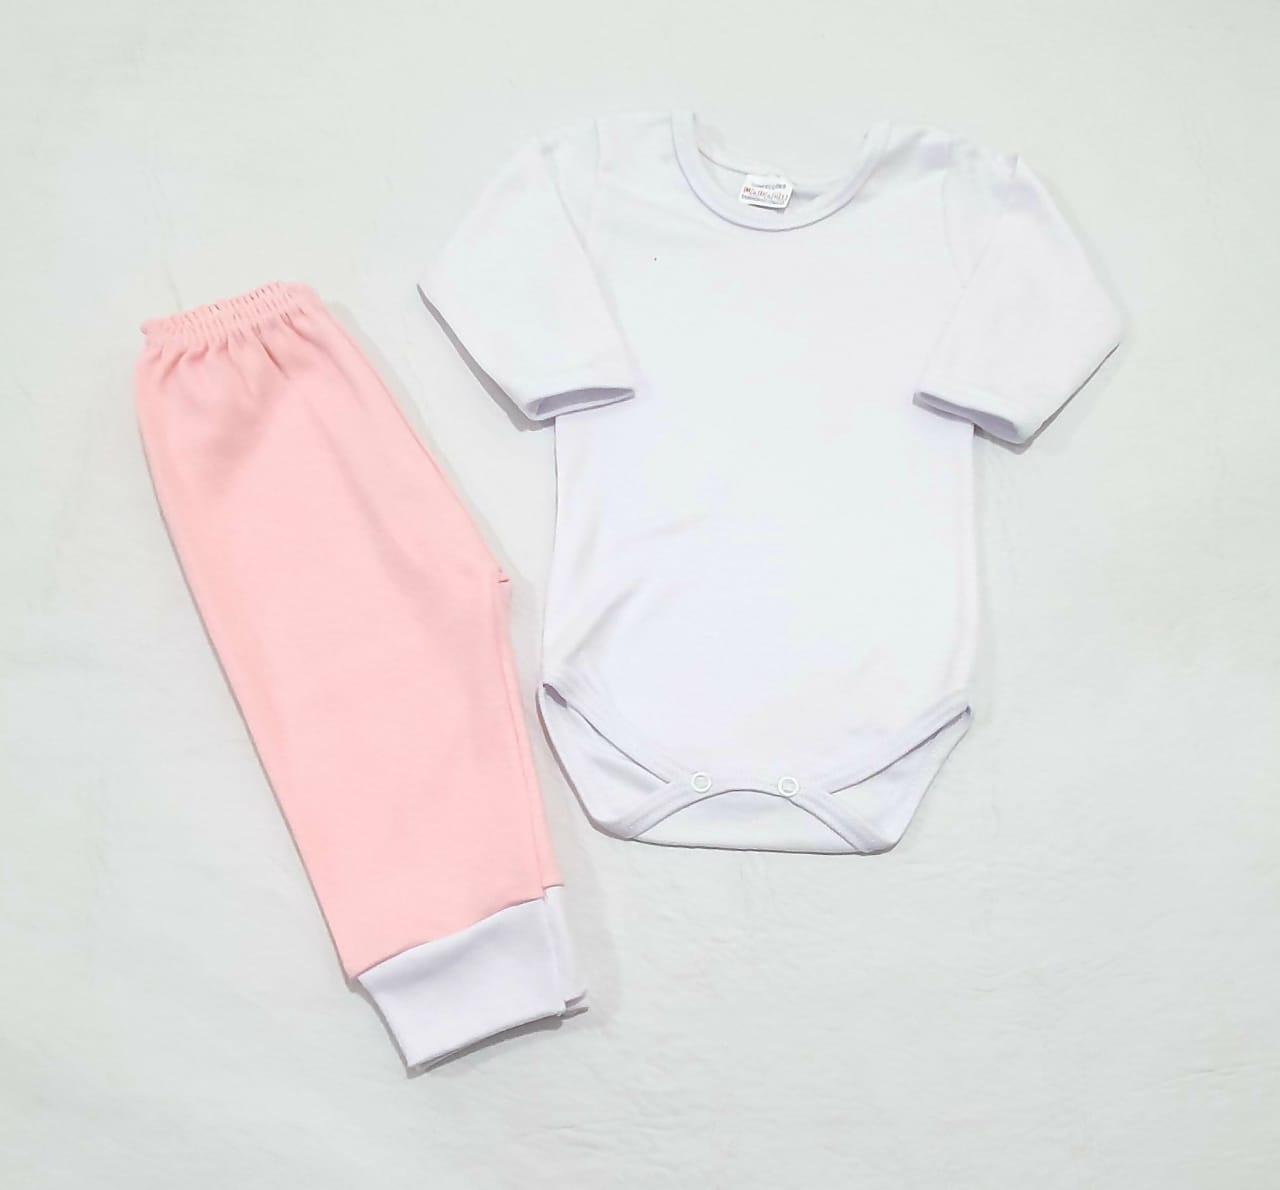 Conjunto Pagão - Camiseta Colete e Mijão - 03 Peças - 100% Algodão - Radani Little Baby